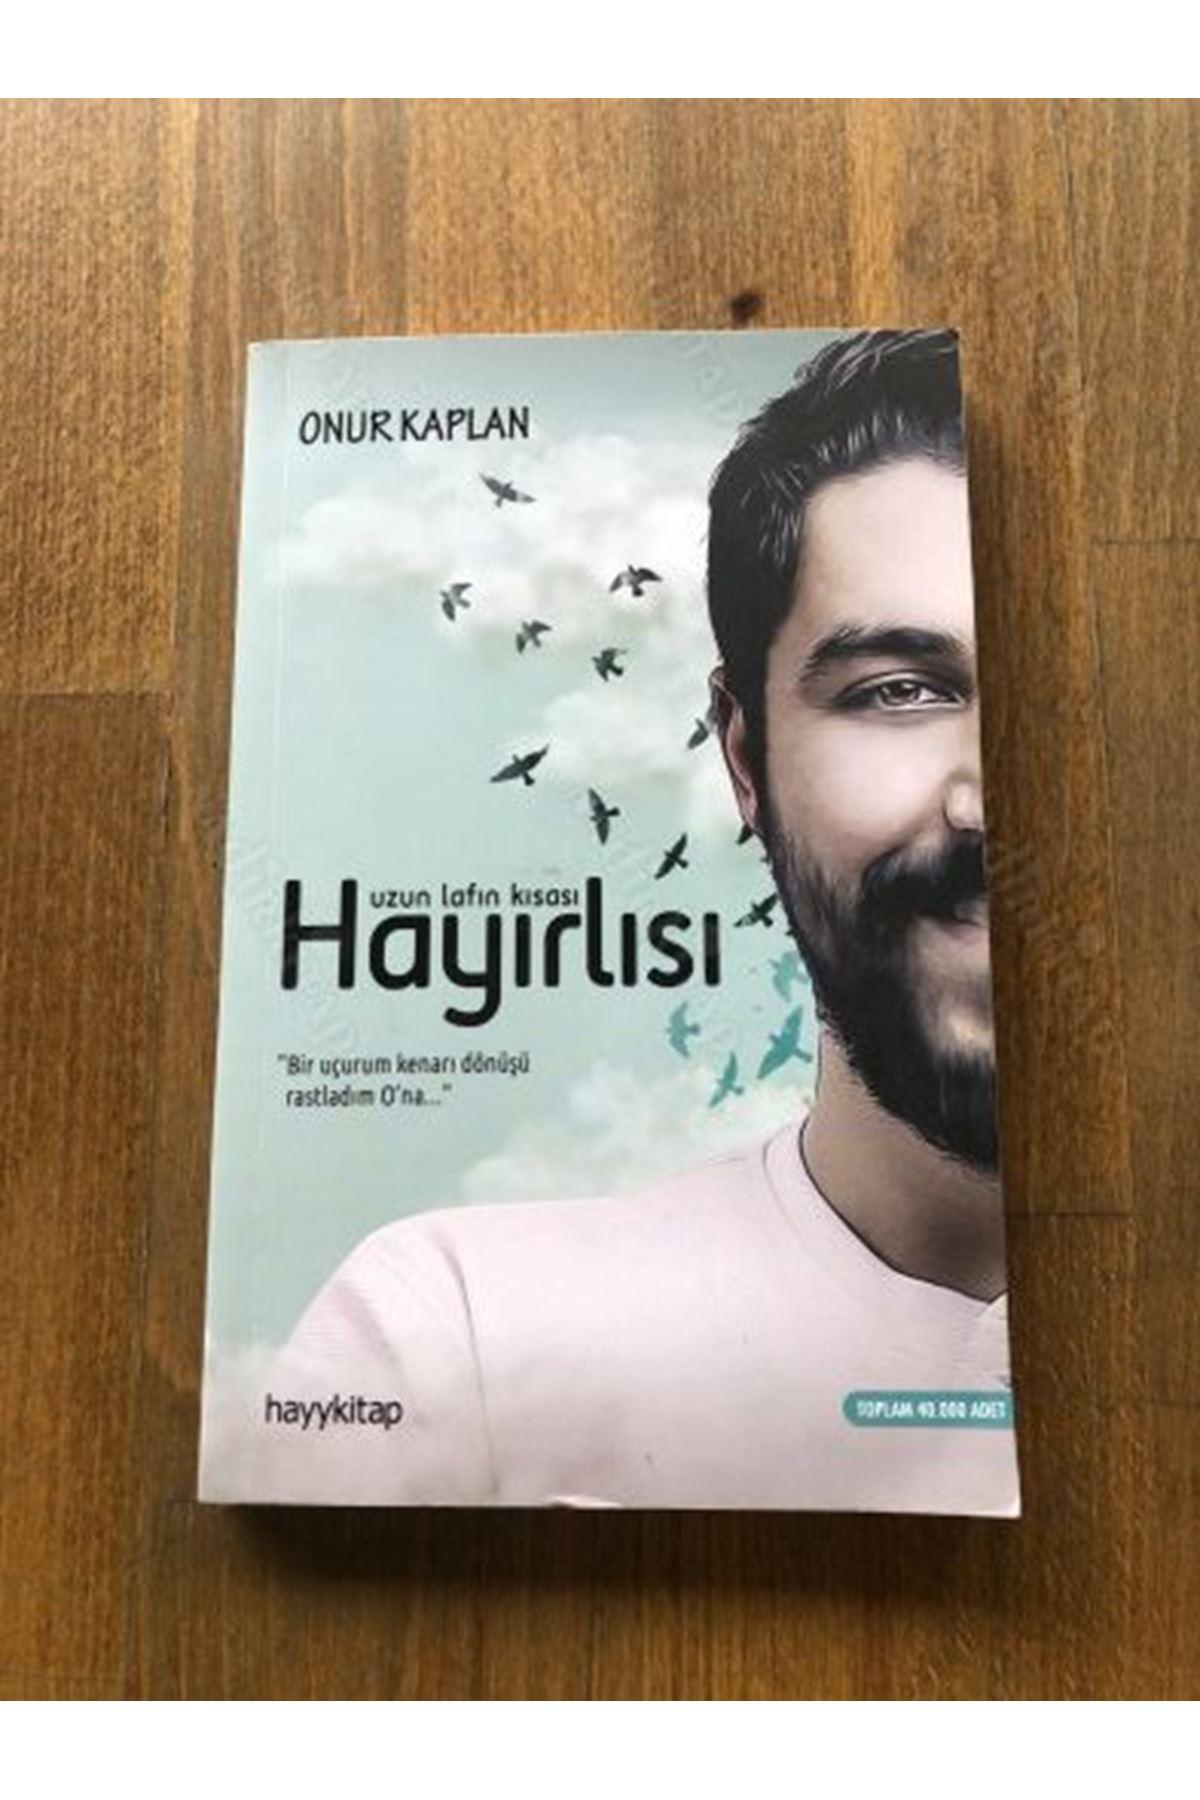 ONUR KAPLAN - UZUN LAFIN KISASI HAYIRLISI